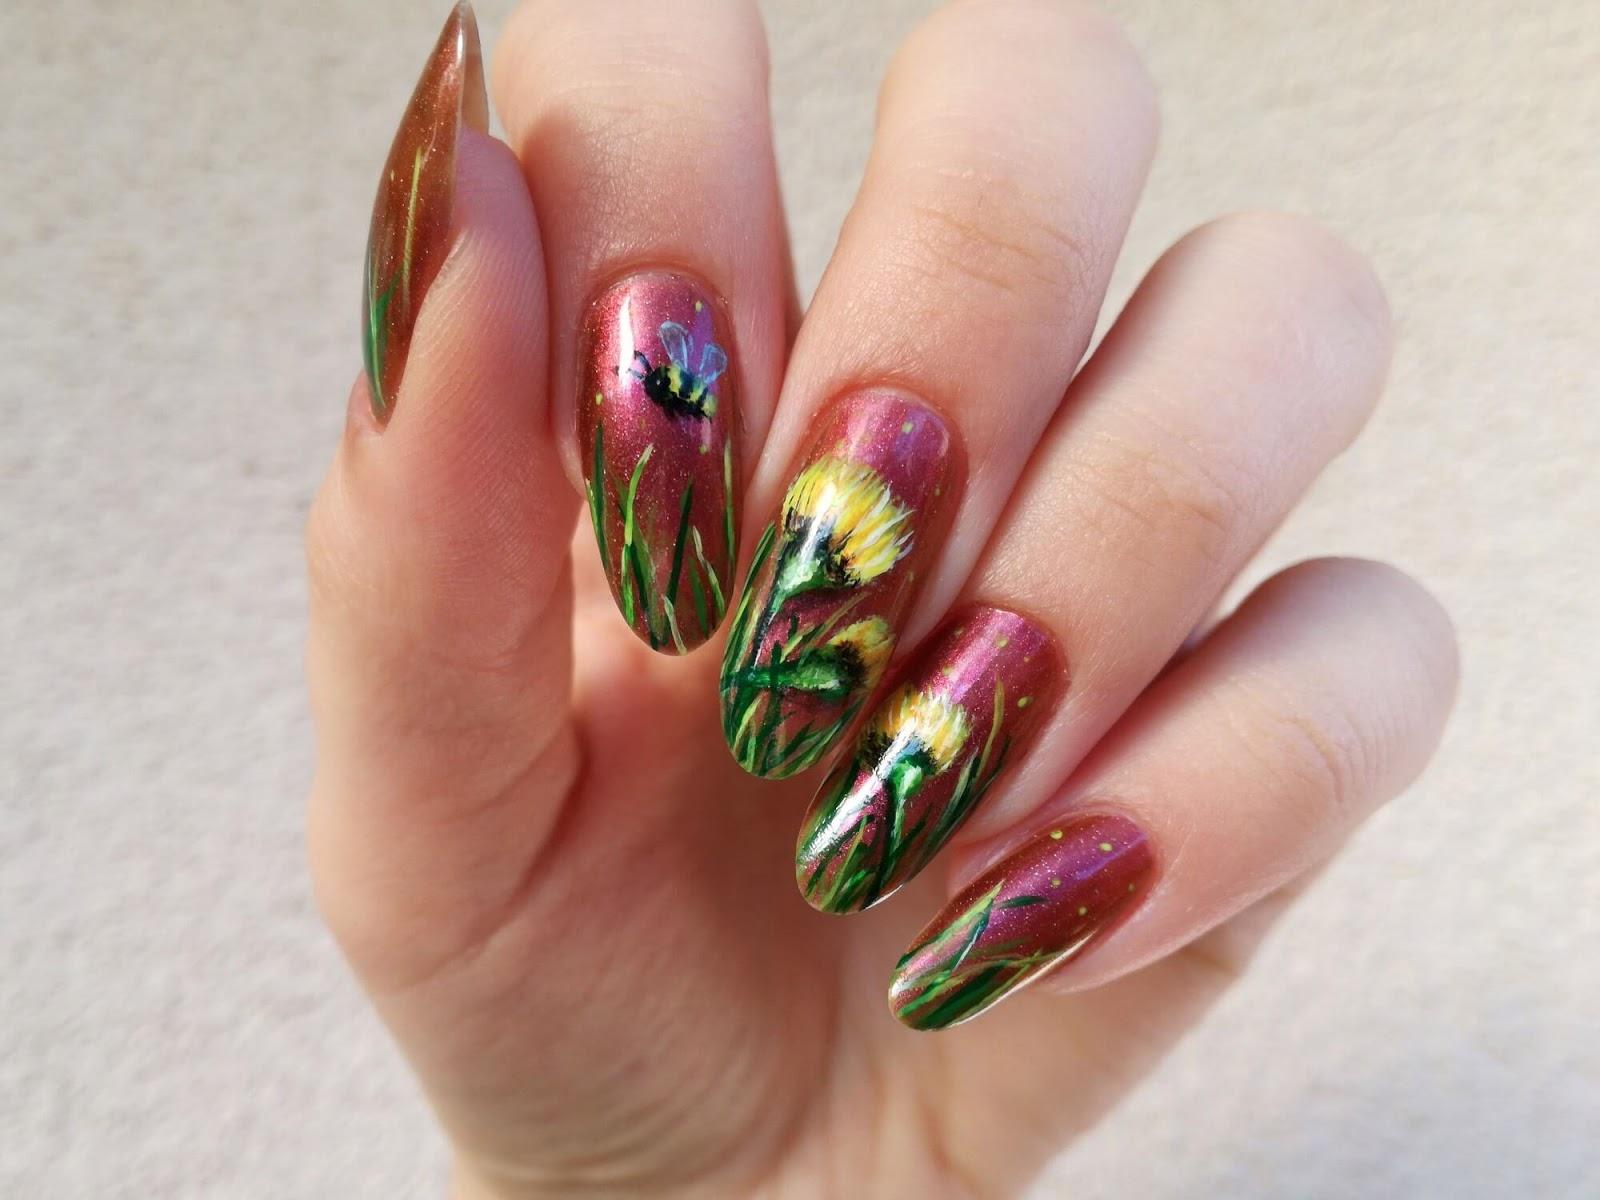 Malowane żółte kwiaty na paznokciach